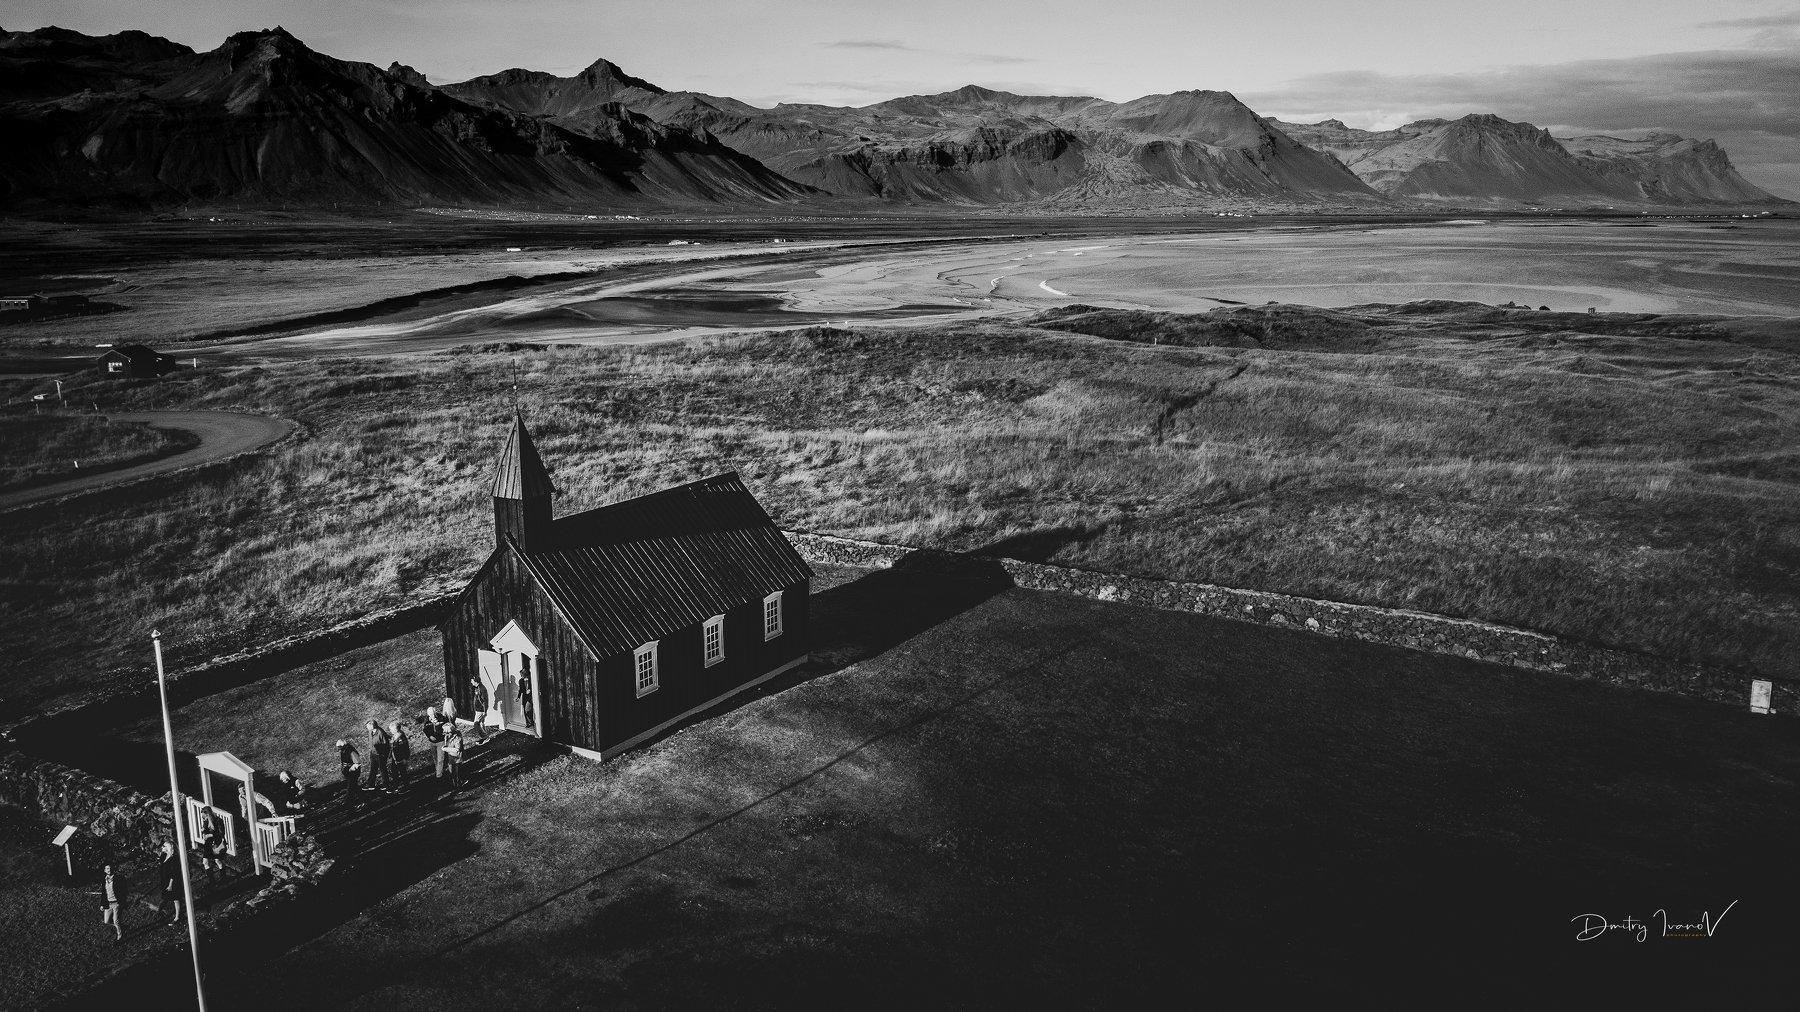 пейзаж, церковь, исландия, iceland, Дмитрий Иванов